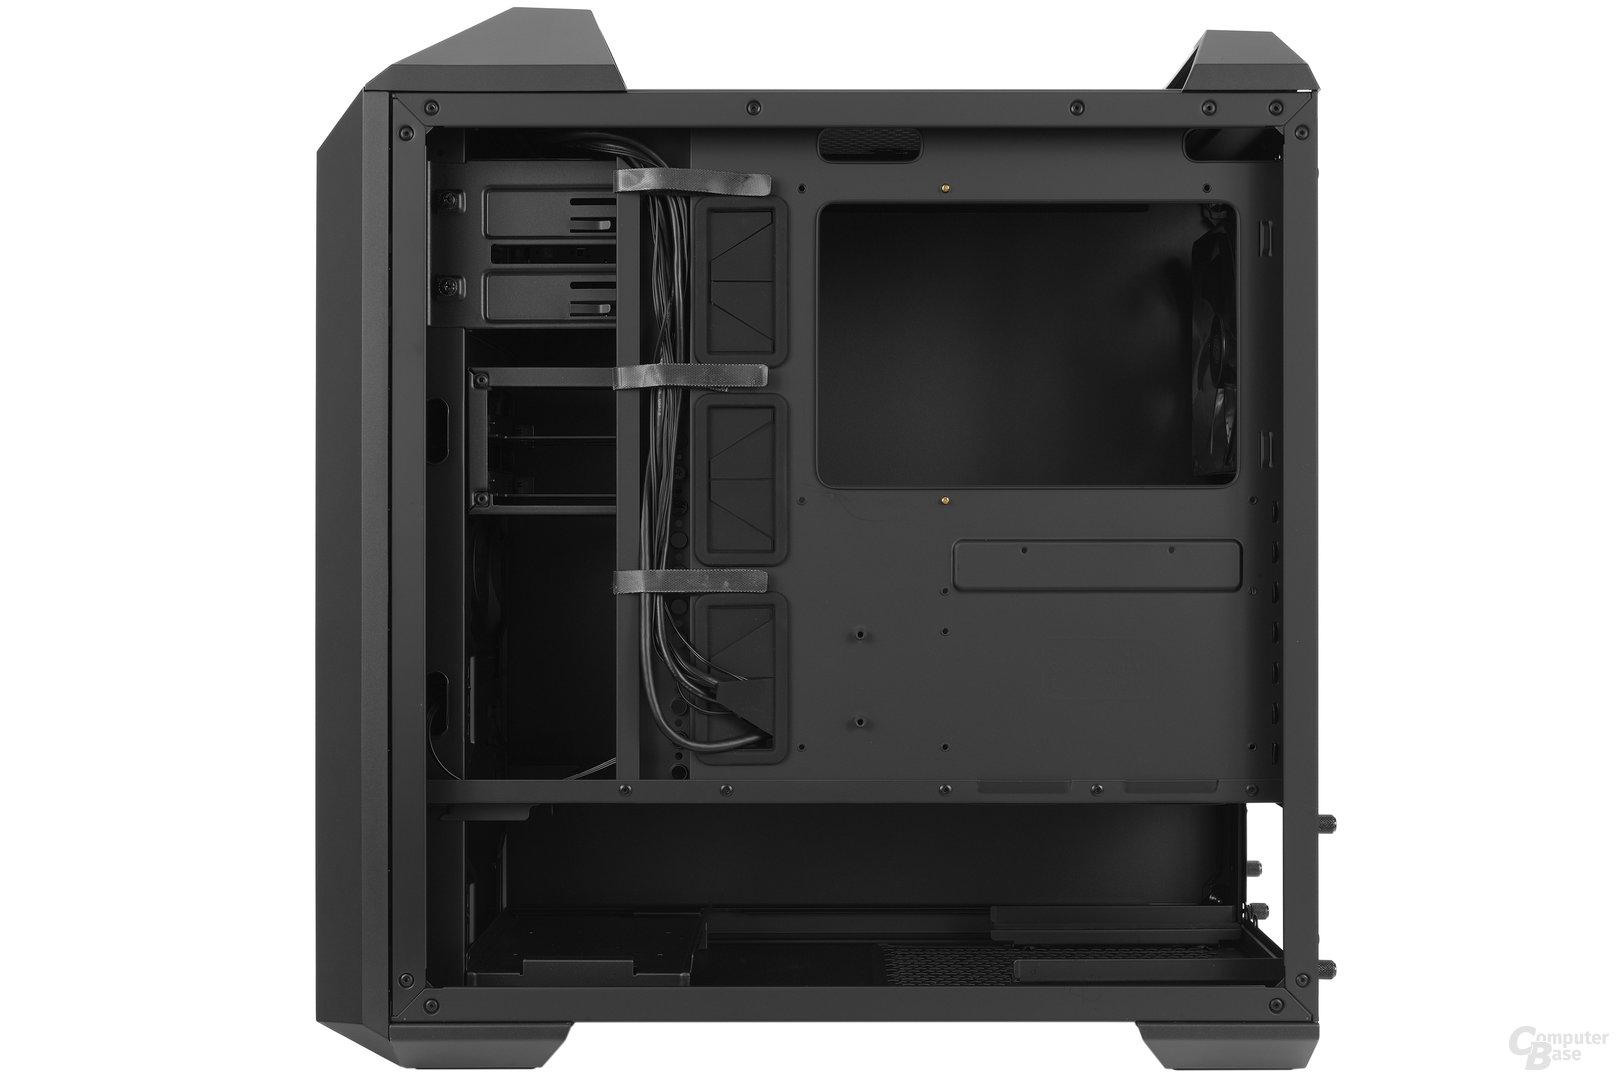 Cooler Master MasterCase 5 – Innenraumansicht Rückseite